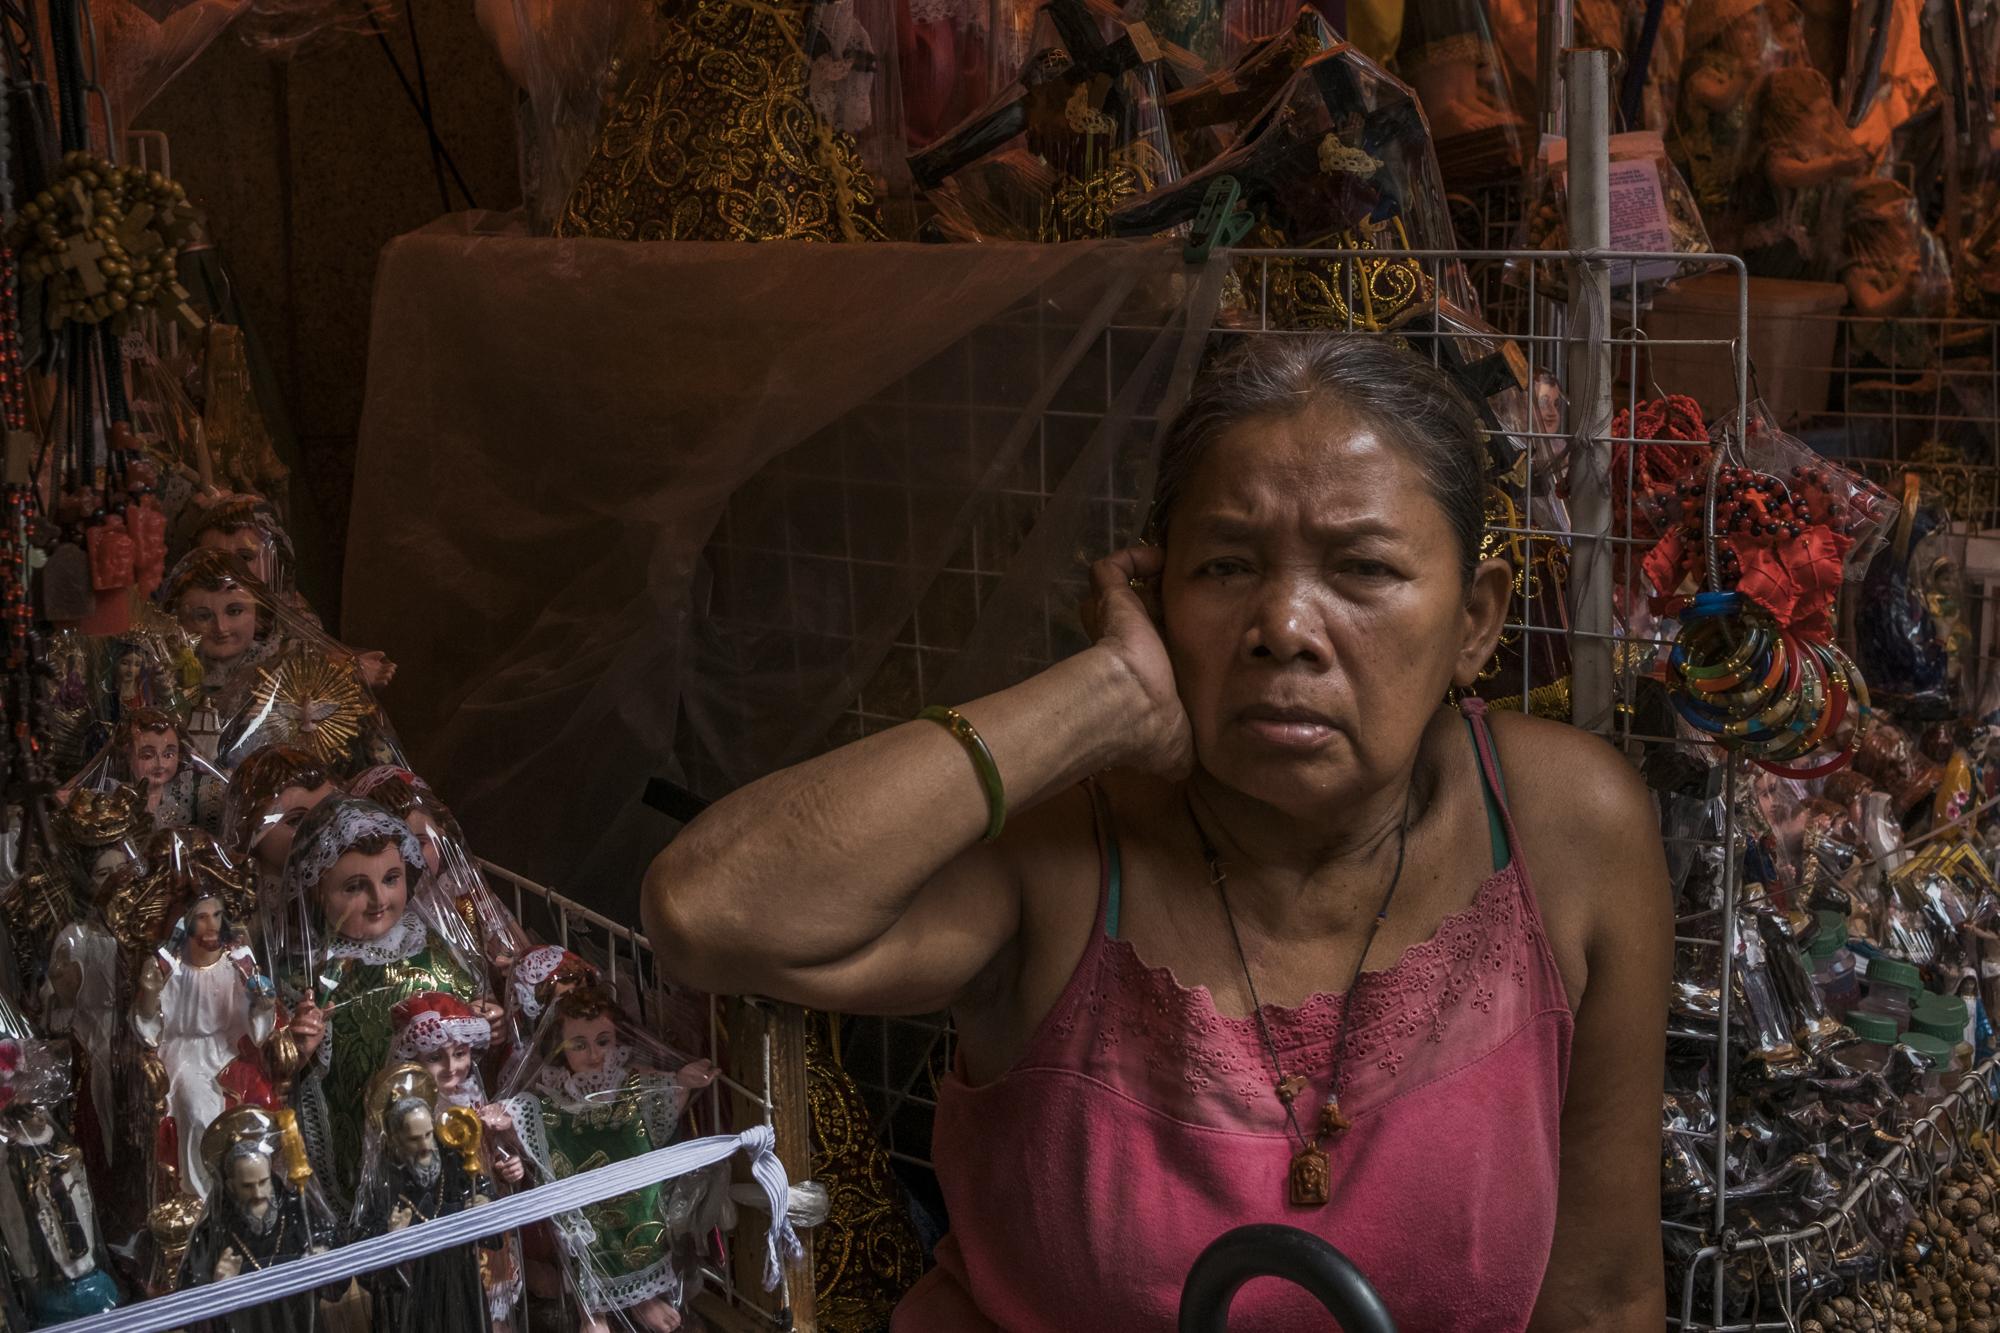 Woman with Sto. Niños   Gio Panlilio, 2017